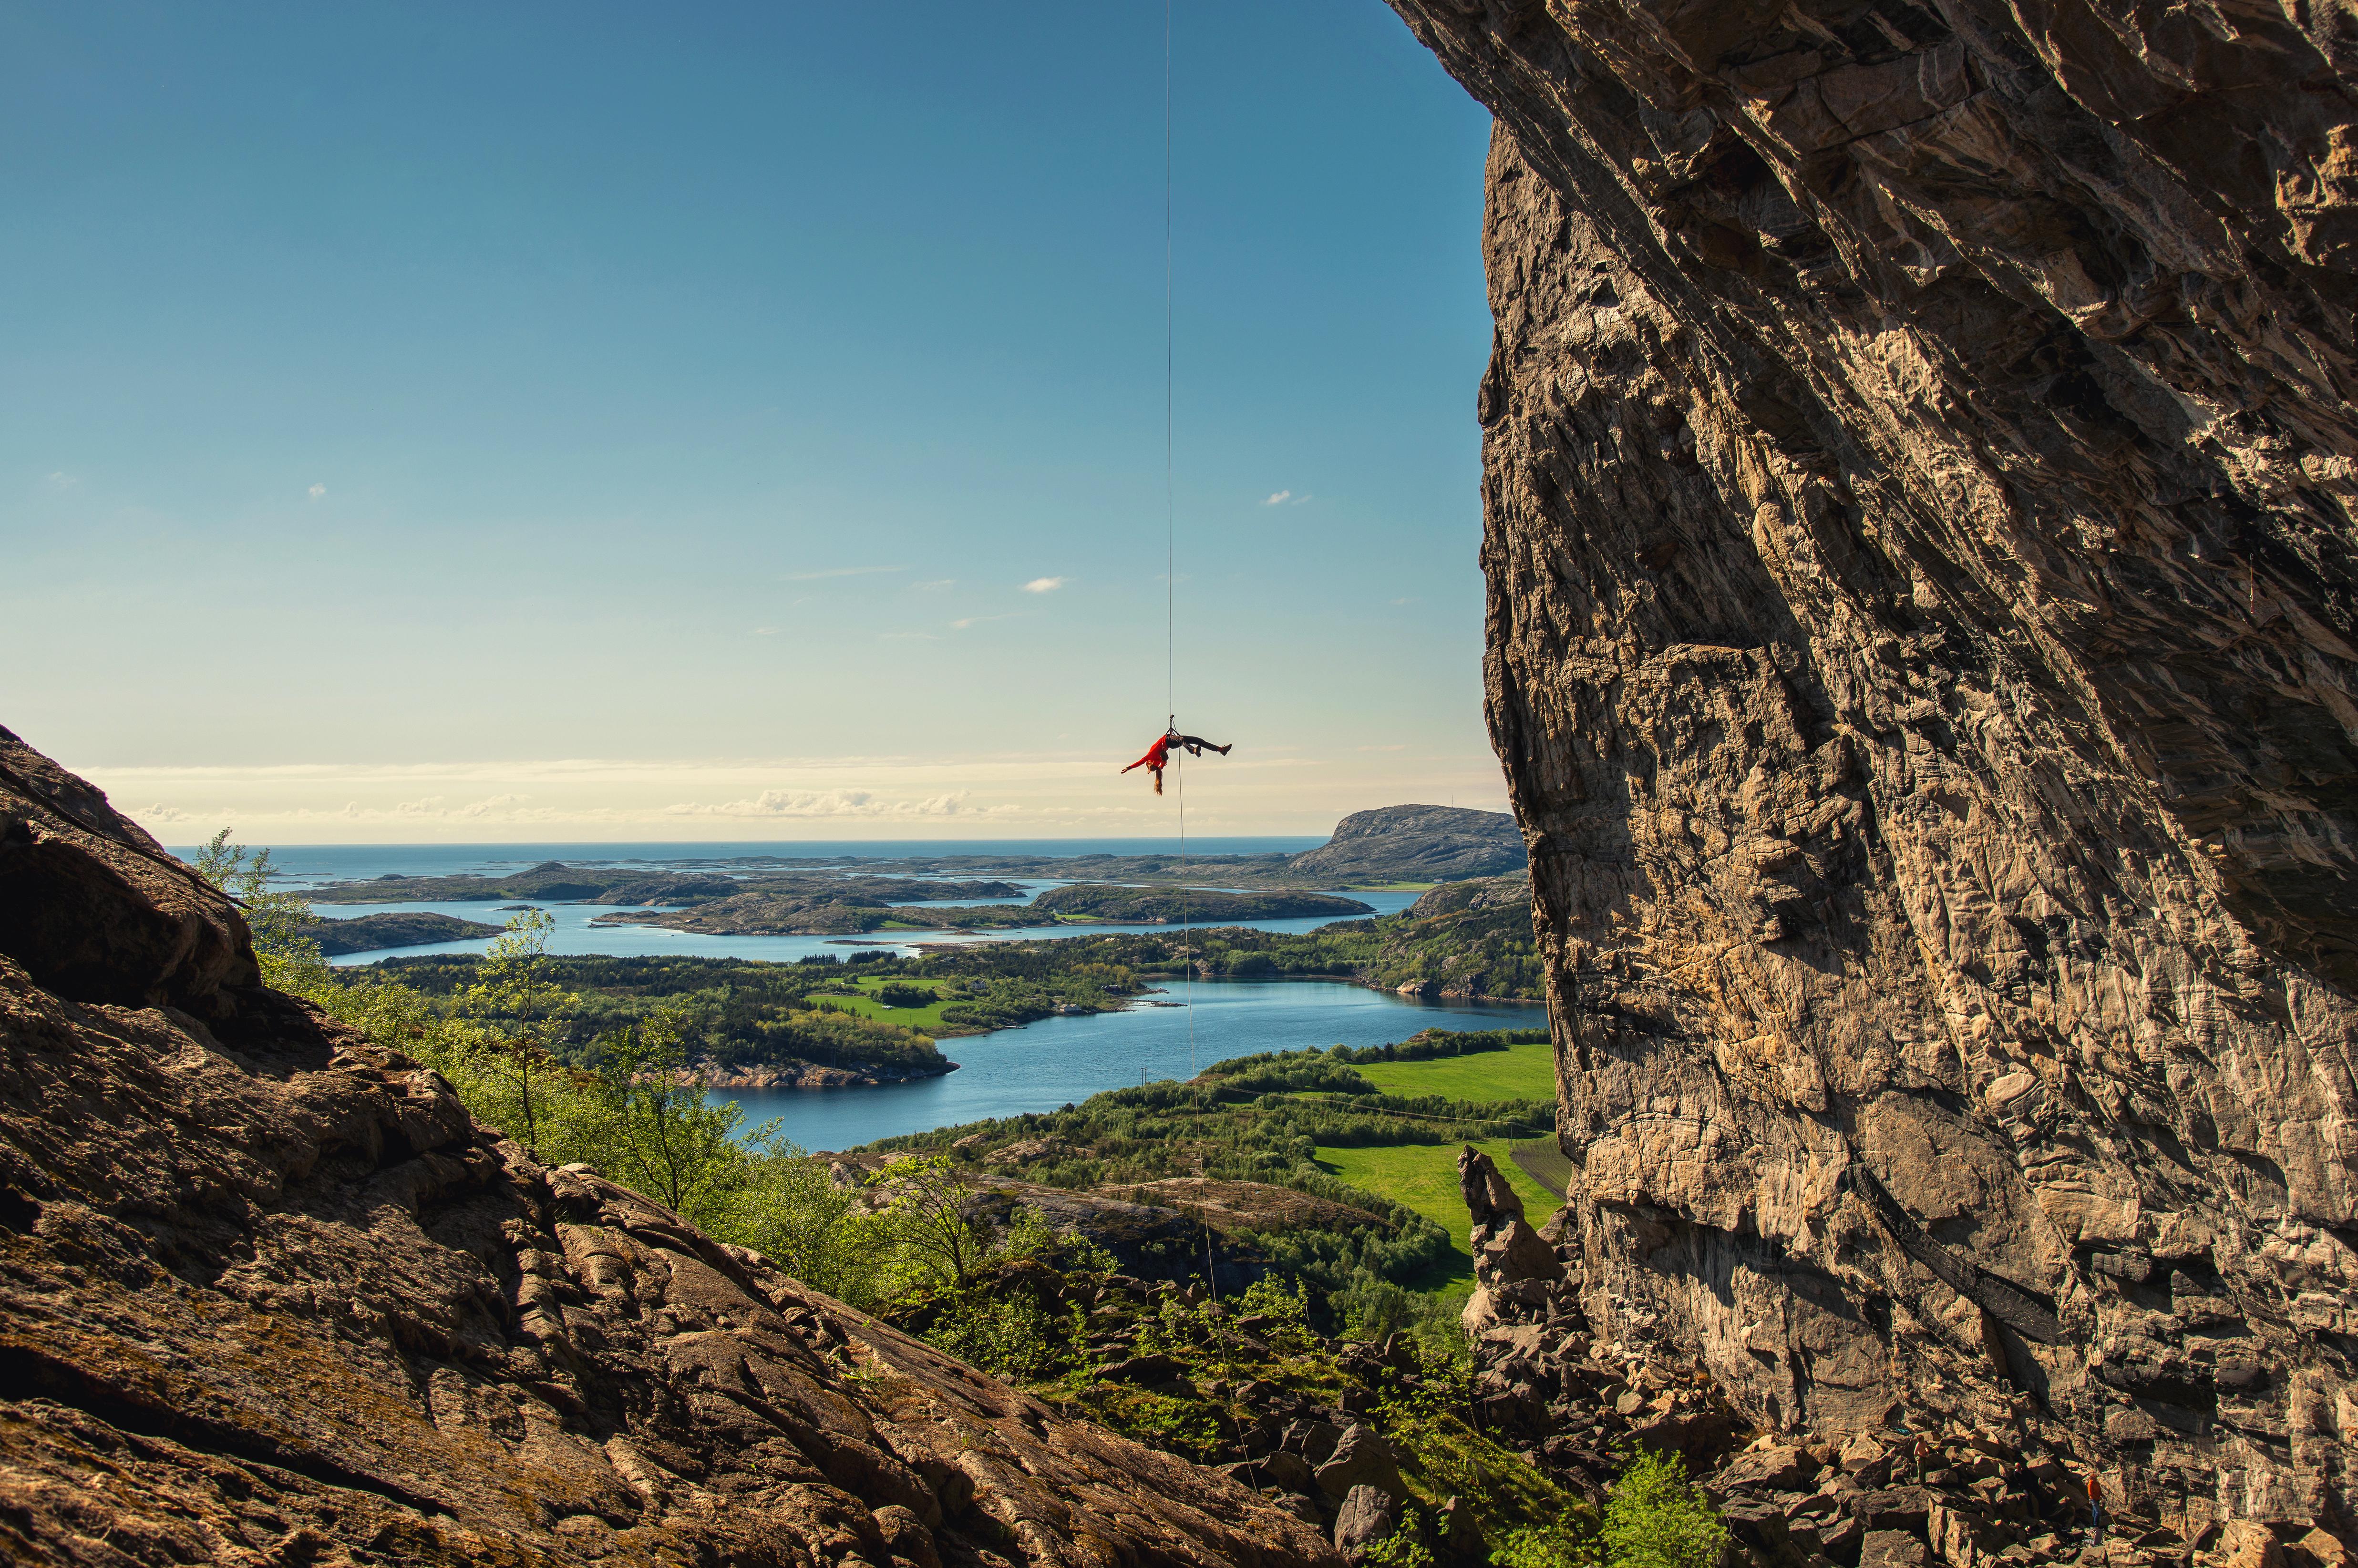 Hanshelleren, Norwegene - eine einzigartige Kletterwand